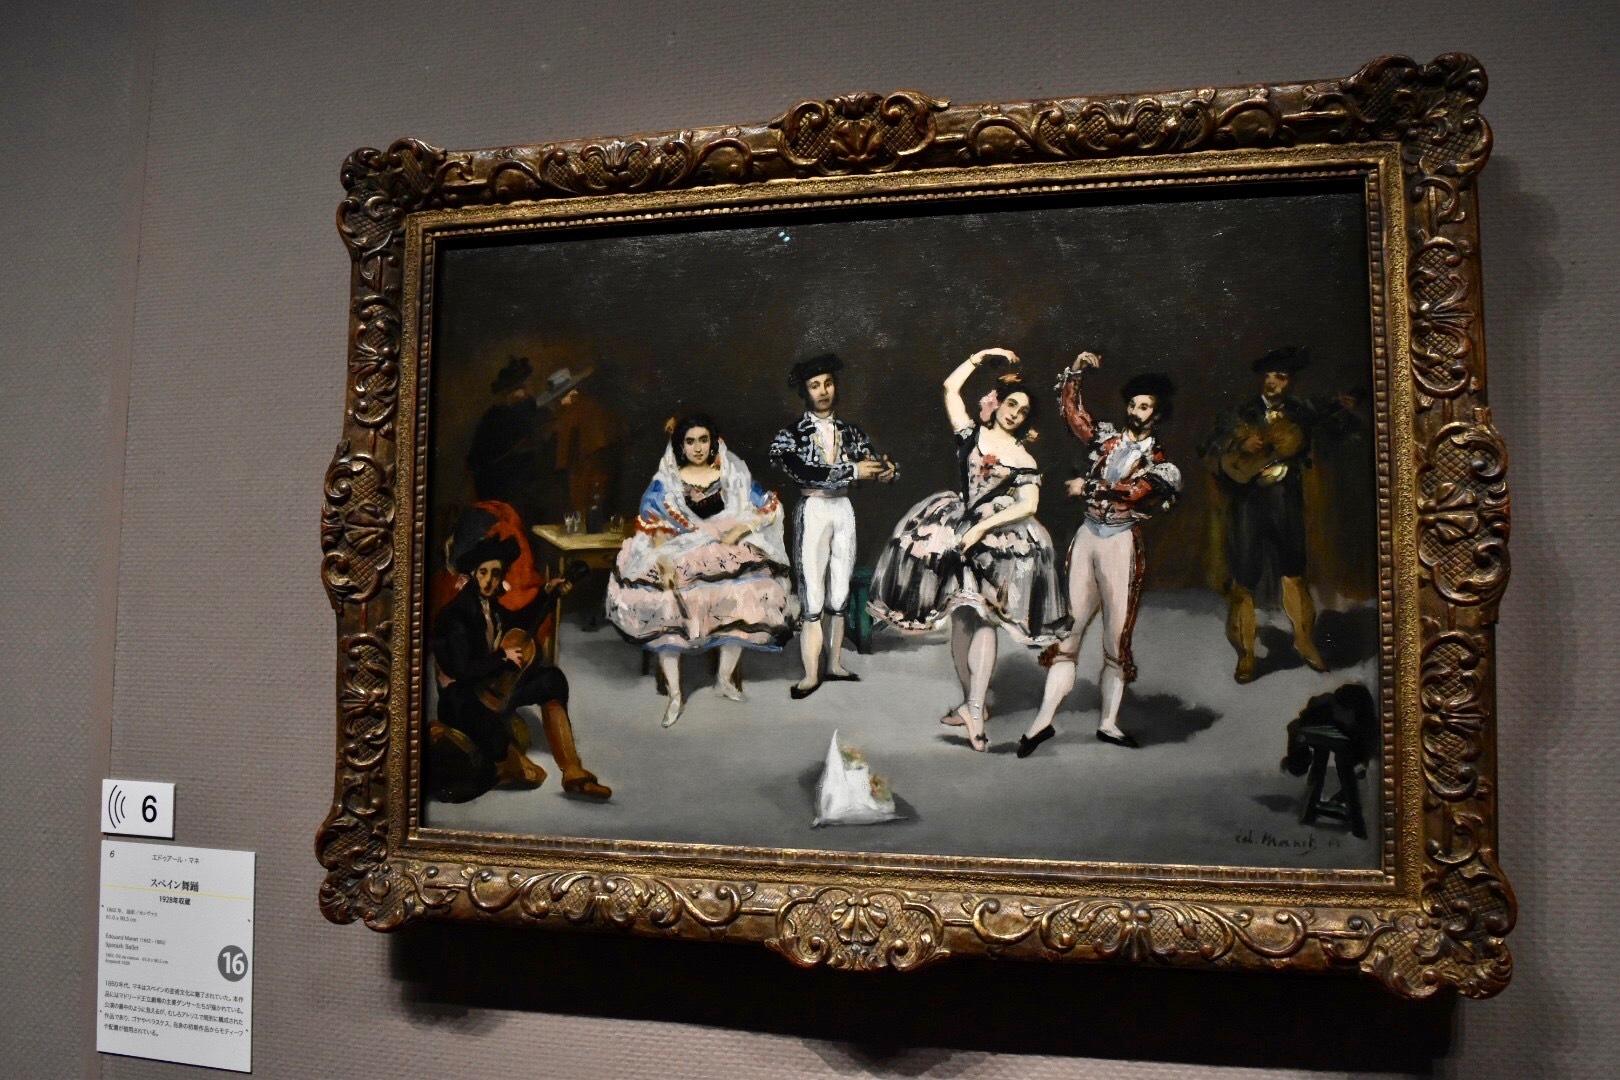 展示風景:エドゥアール・マネ 《スペイン舞踊》 1862年